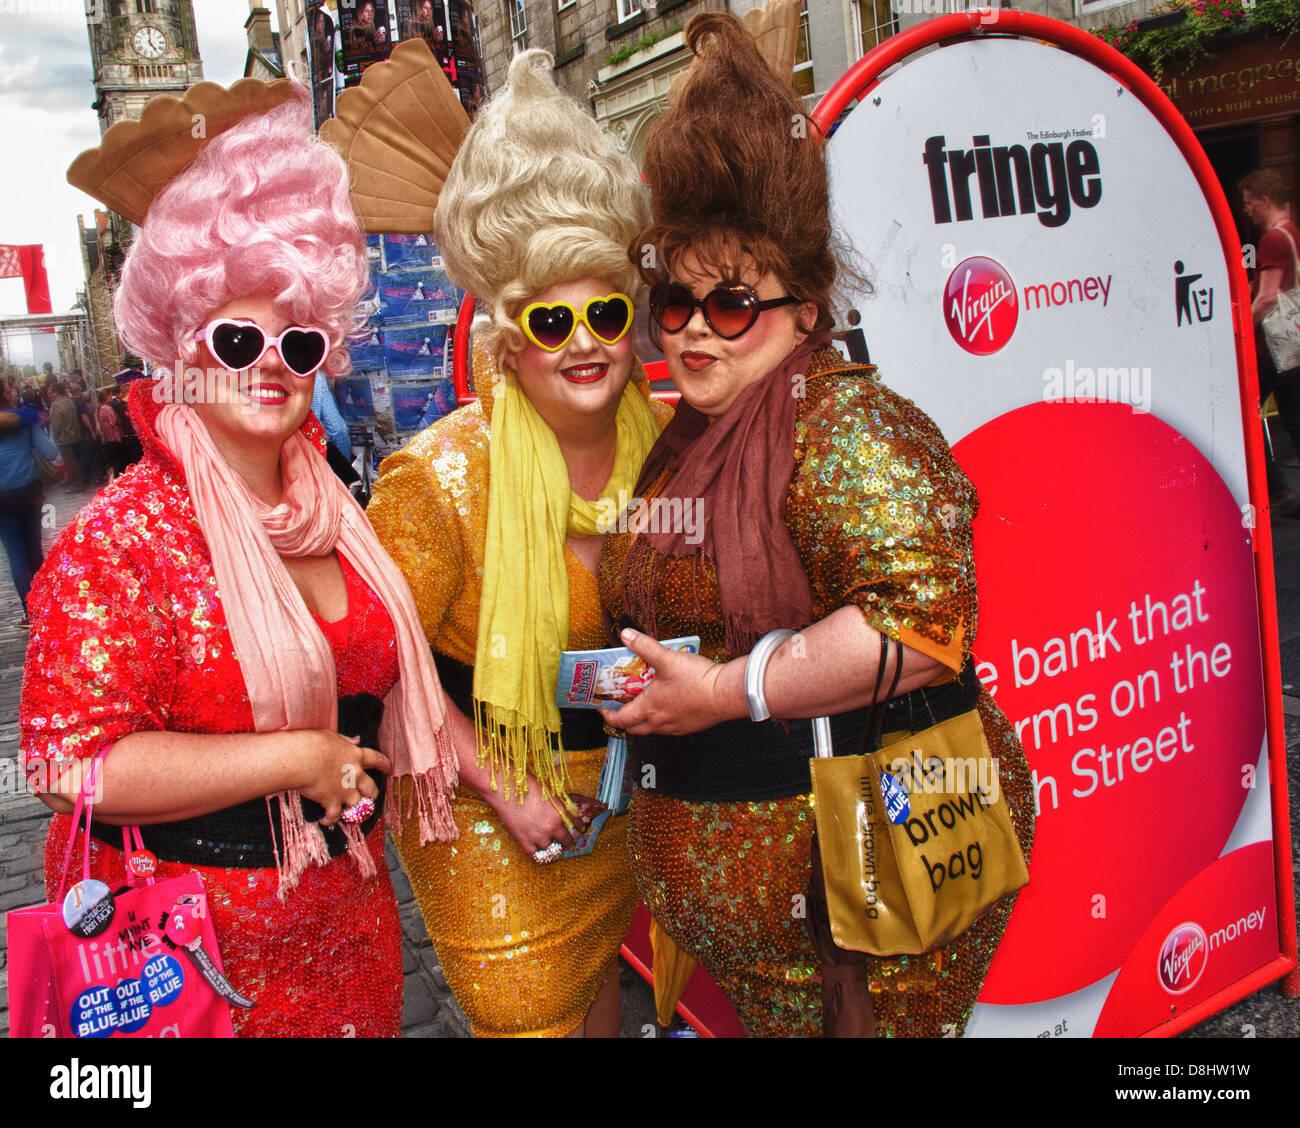 Laden Sie dieses Alamy Stockfoto Edinburgh Festival Fringe handeln, Schottland, UK, EH1 1QS - D8HW1W